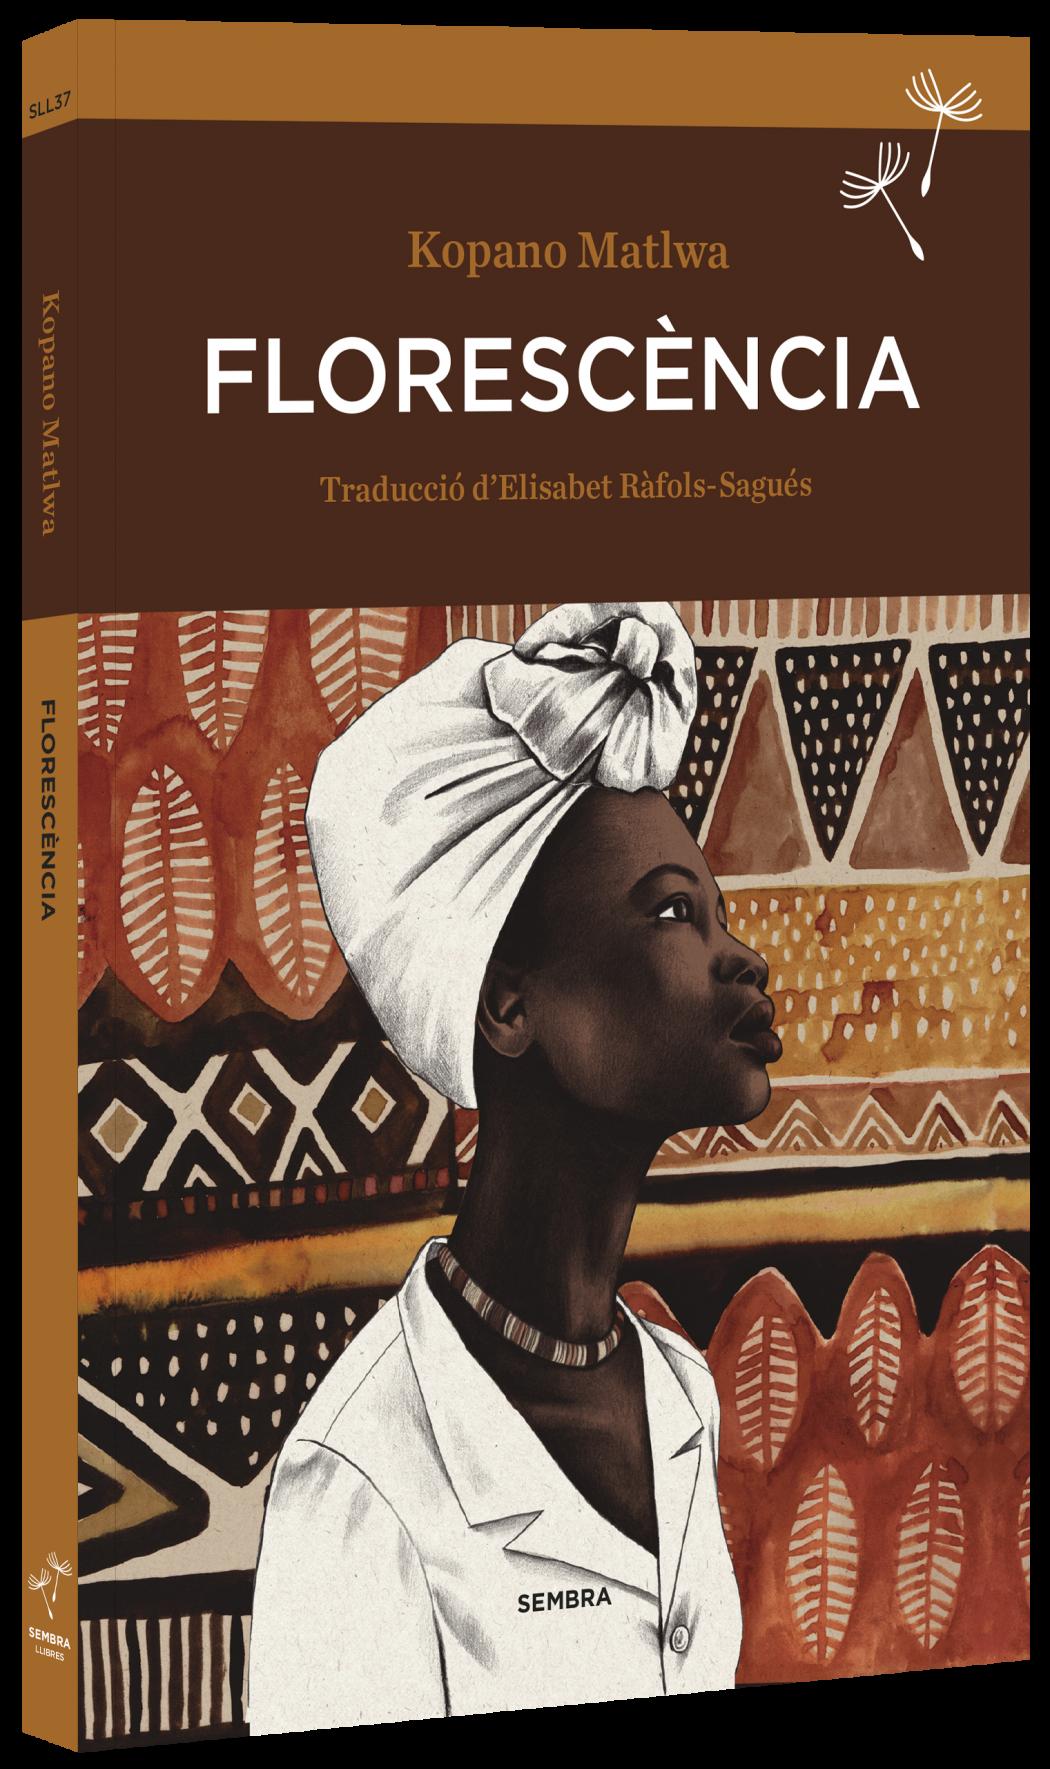 Florescència, de Kopano Matlwa, una obra on explora els conflictes racials, econòmics i de gènere de la Sud-àfrica post-apartheid